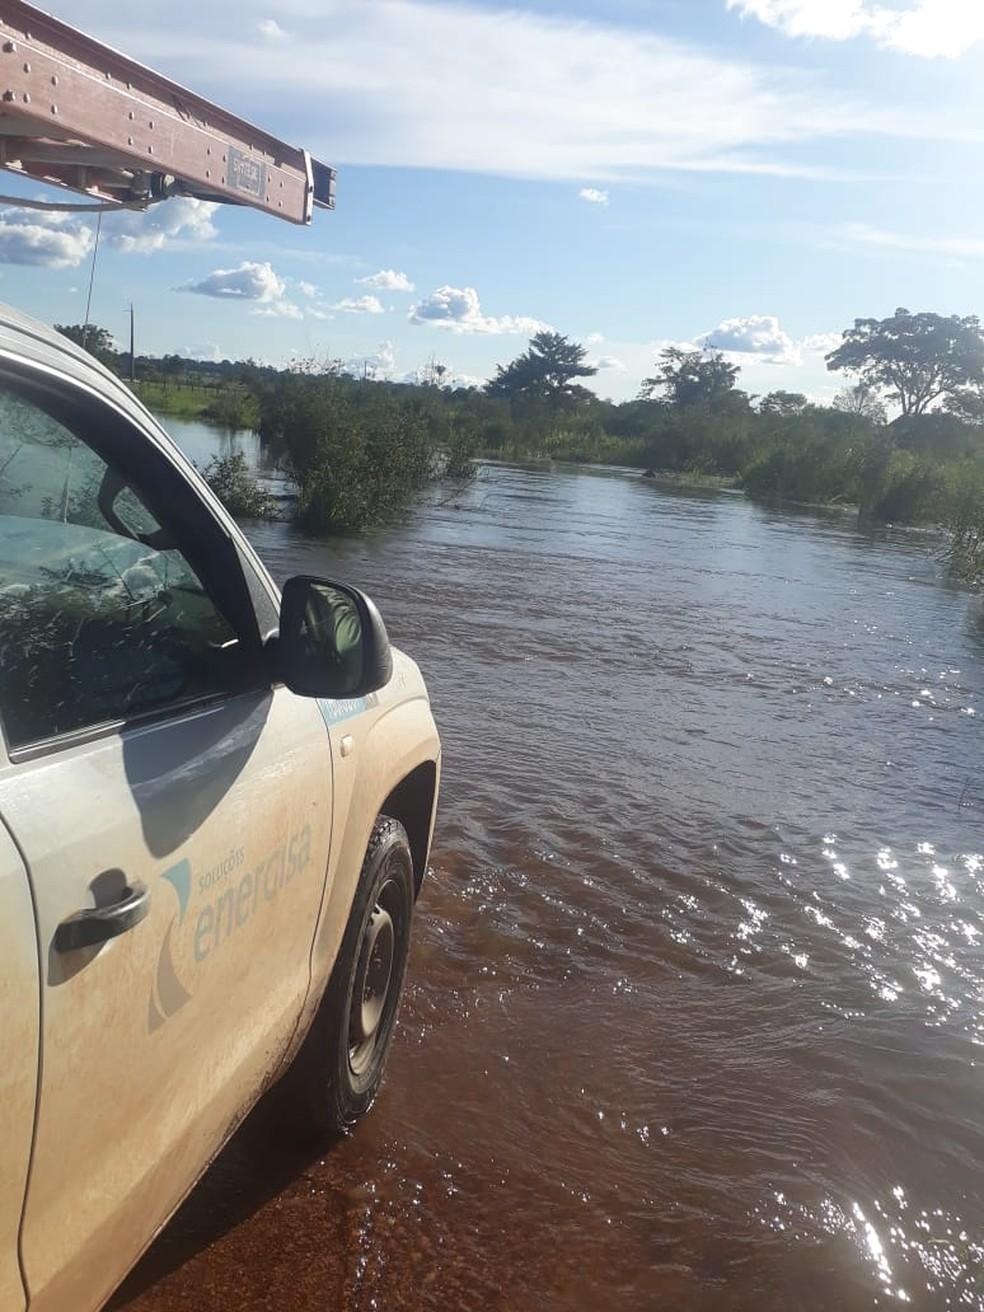 Prestadores de serviços enfrentam dificuldades para chegar ao município — Foto: Reprodução